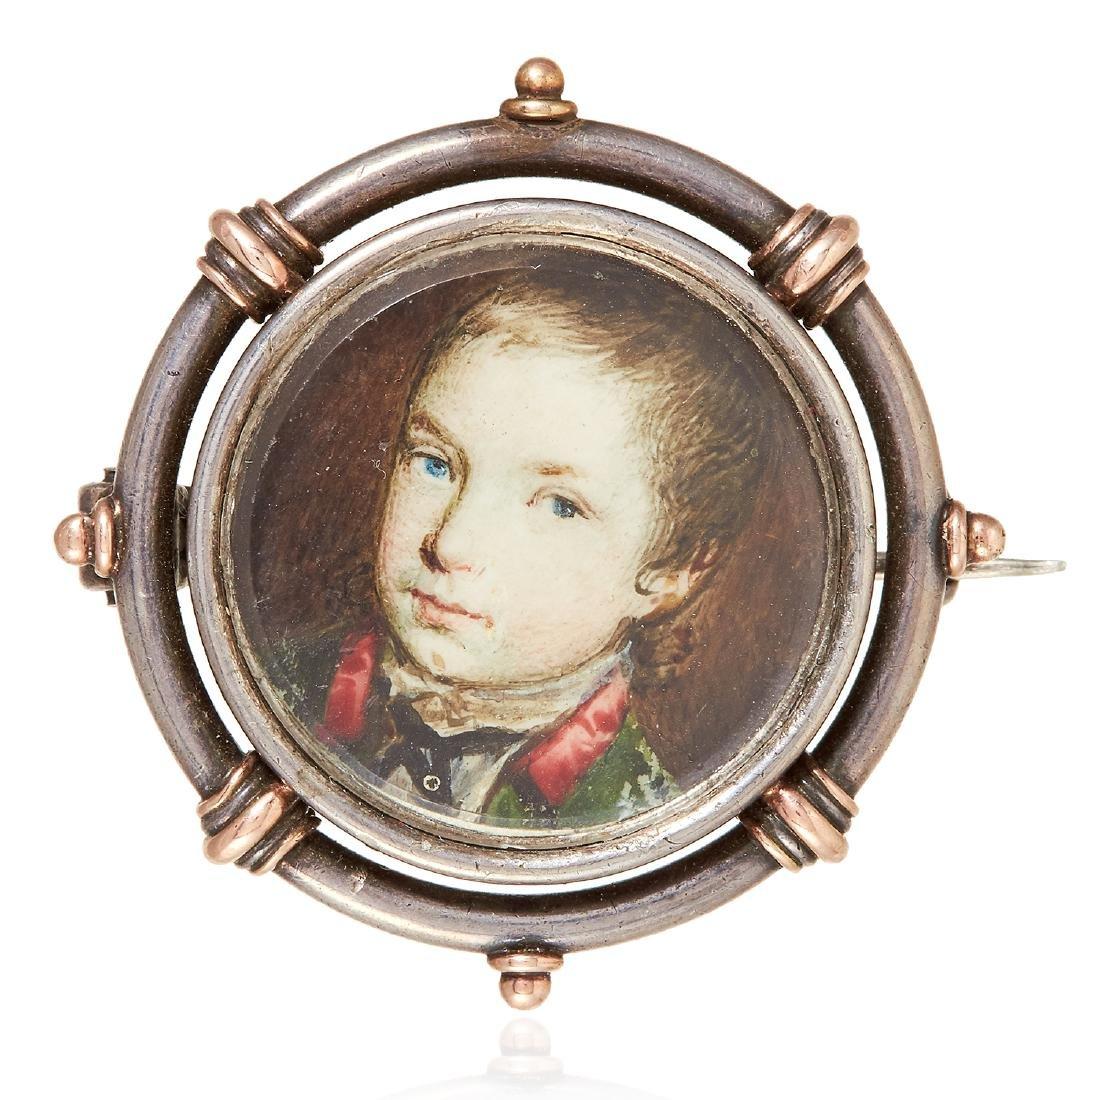 A PORTRAIT MINIATURE BROOCH in sterling silver, set